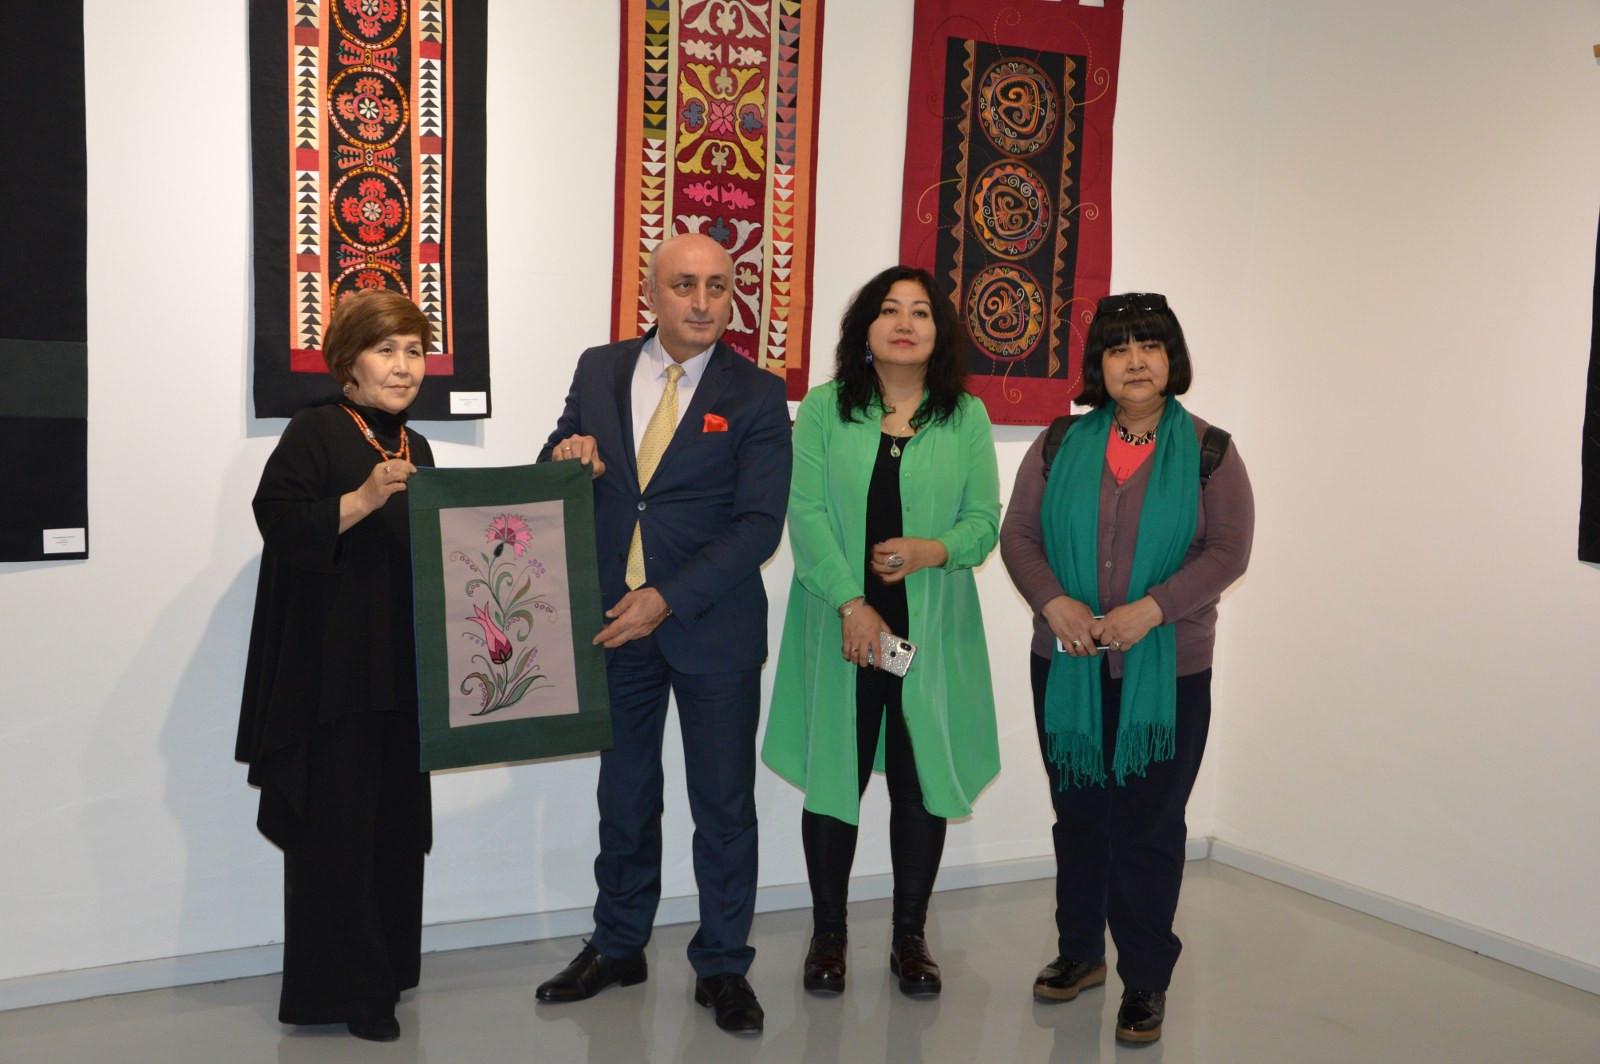 Türk Dünyasından Kadın Sanatçılar İstanbul'da Buluştu Galeri - 23. Resim